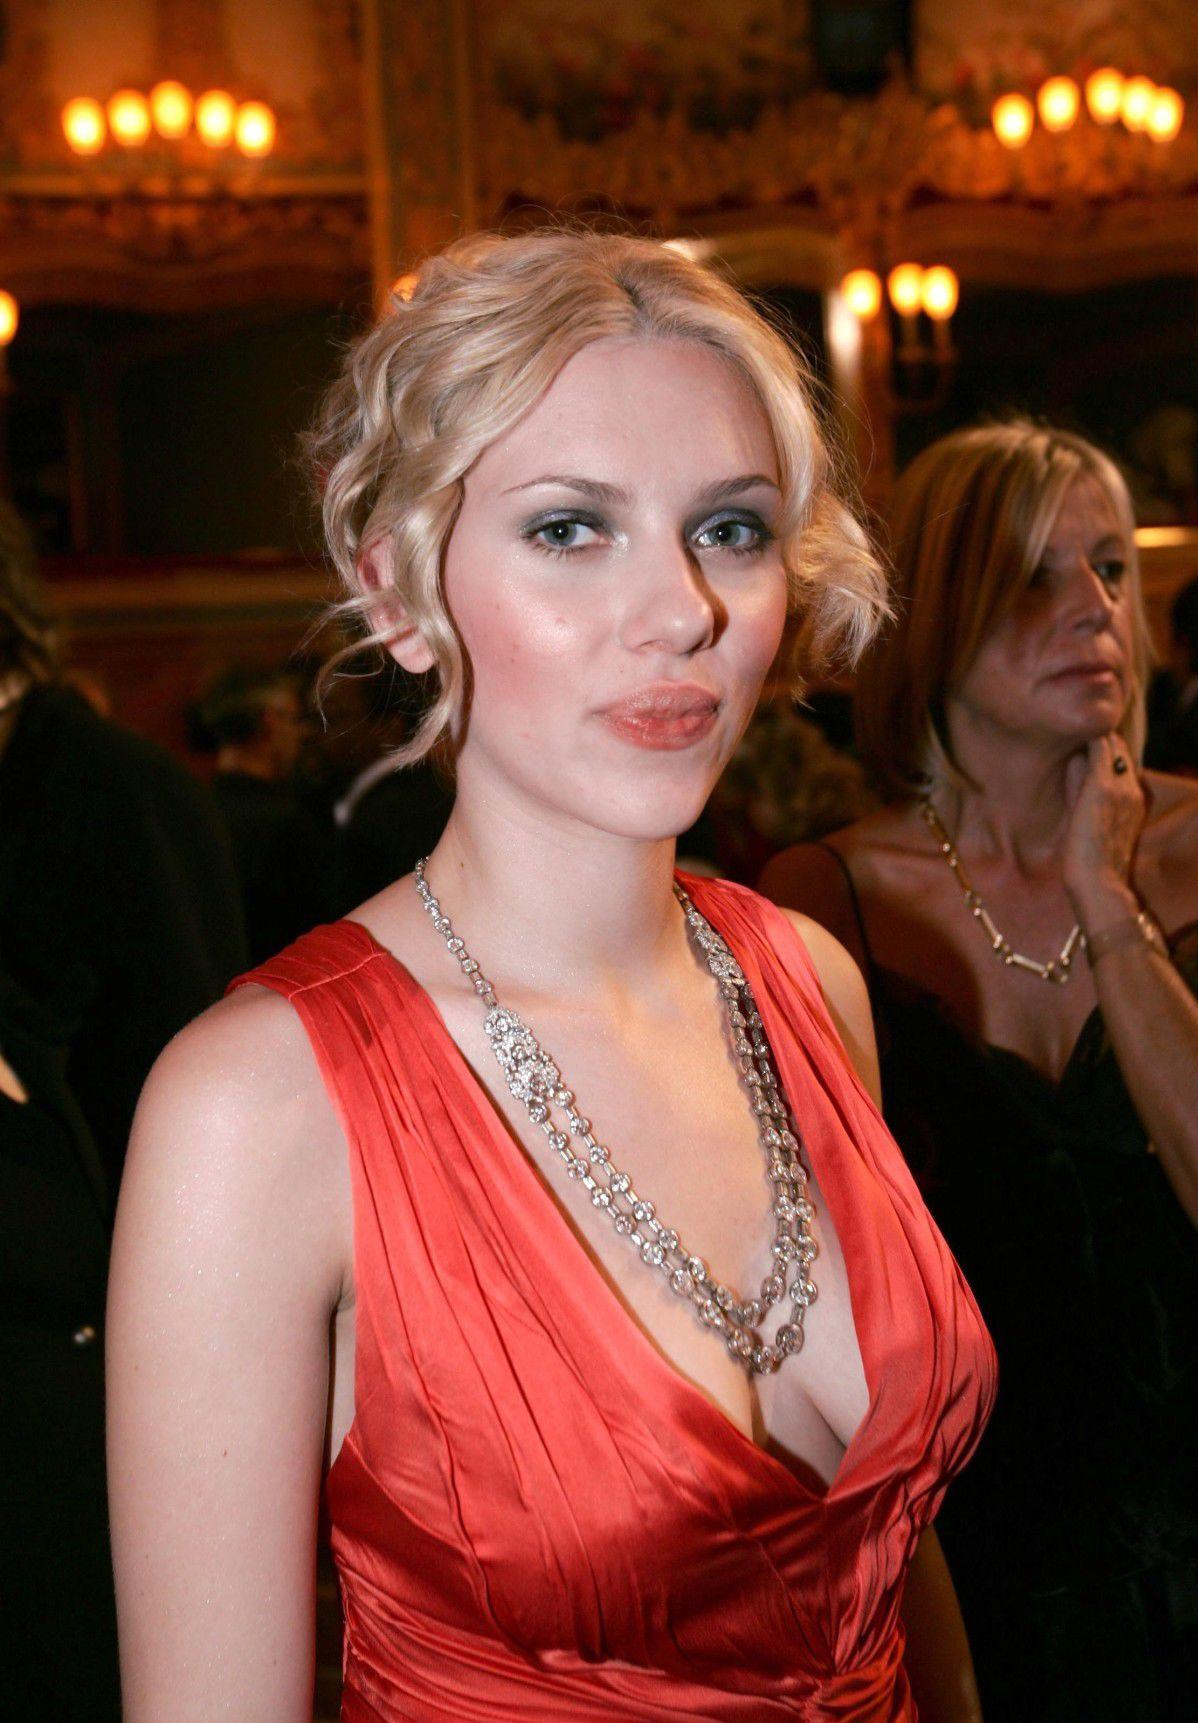 Соски российских актрис фото 10 фотография